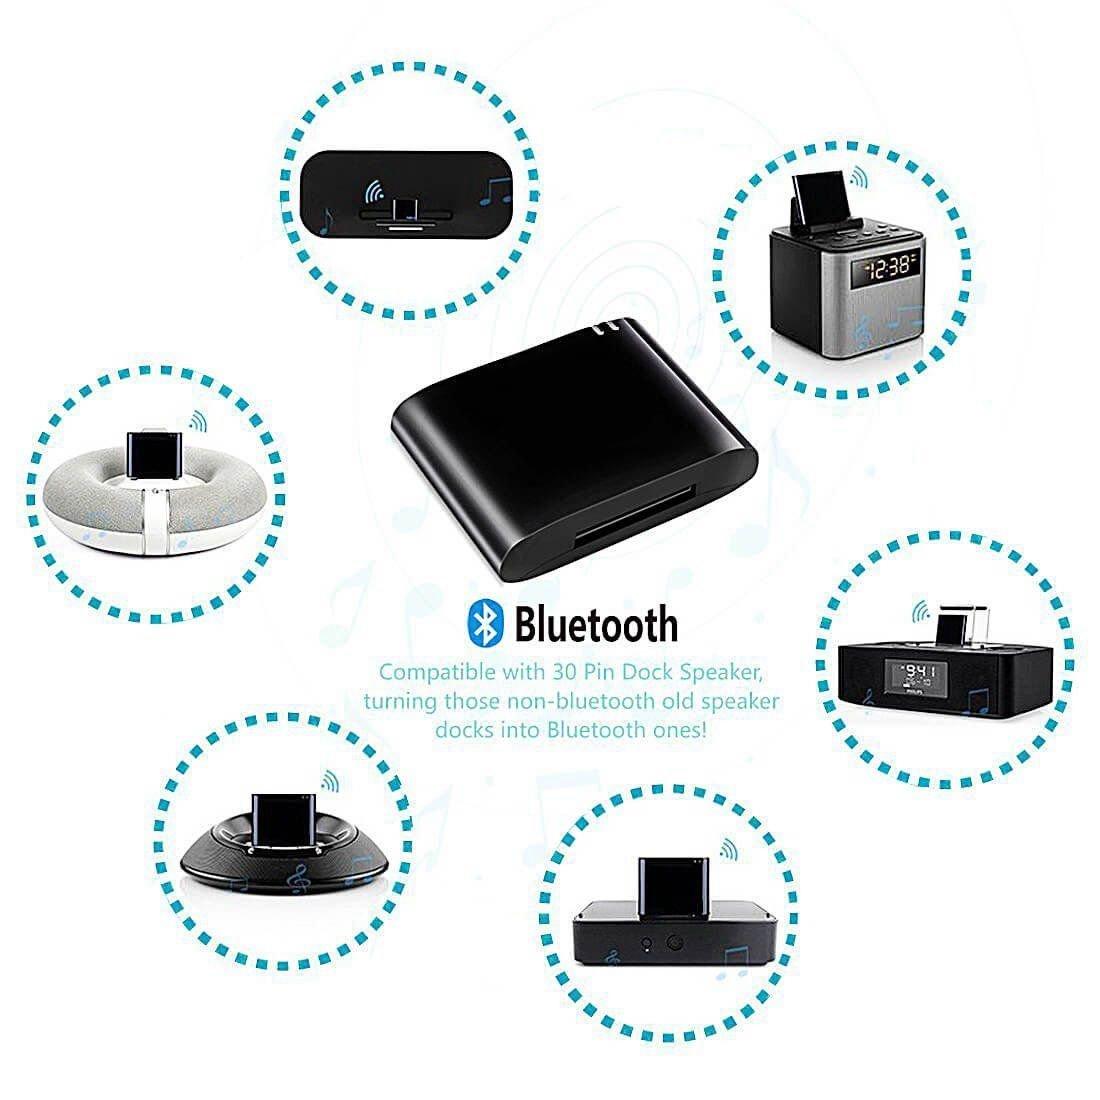 No es Compatible con ningun Coche Negro TOOGOO Adaptador Bluetooth 4.1 DE 30 Pines Receptor de Musica de Audio A2DP para Bose Sounddock y Altavoz de Base iPod iPhone DE 30 Pines